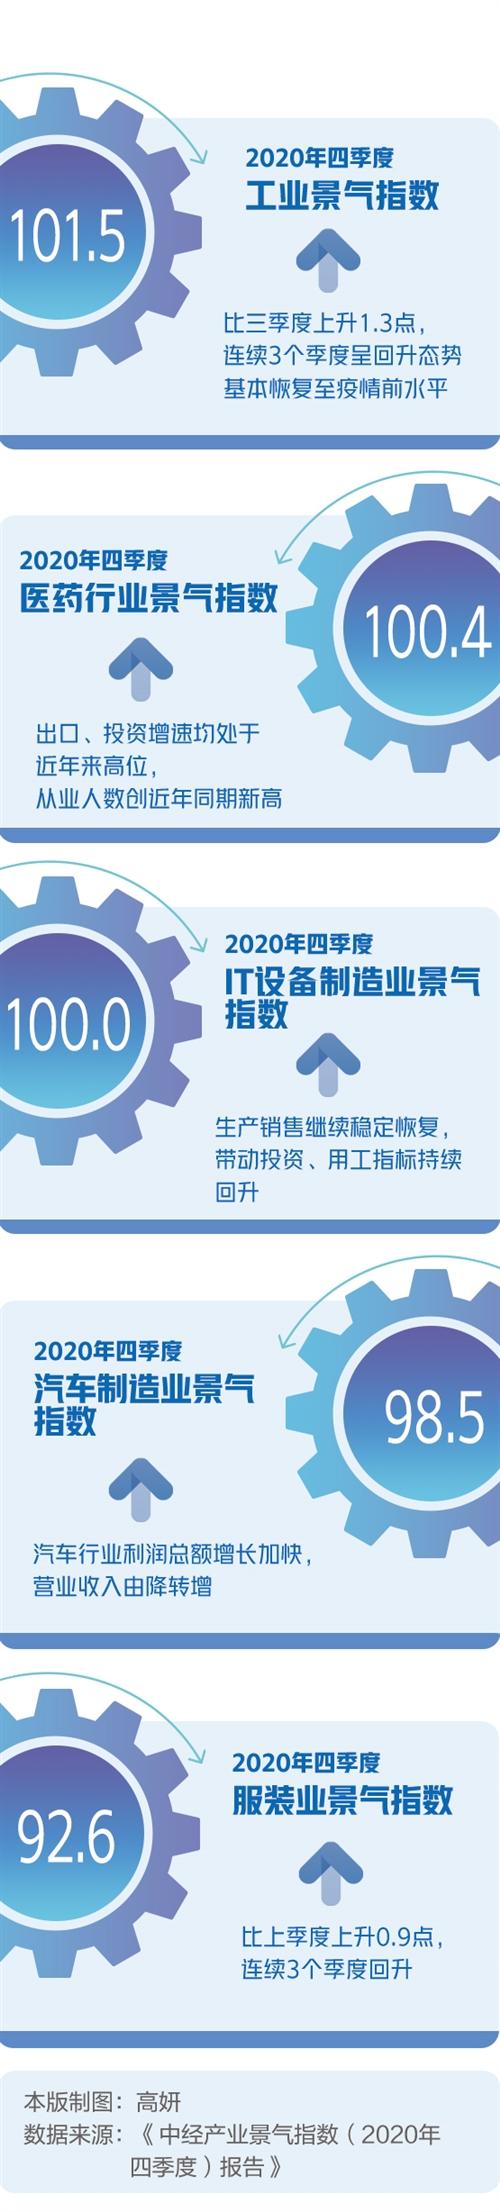 投資增速由負轉正 企業盈利不斷好轉-中國網地産